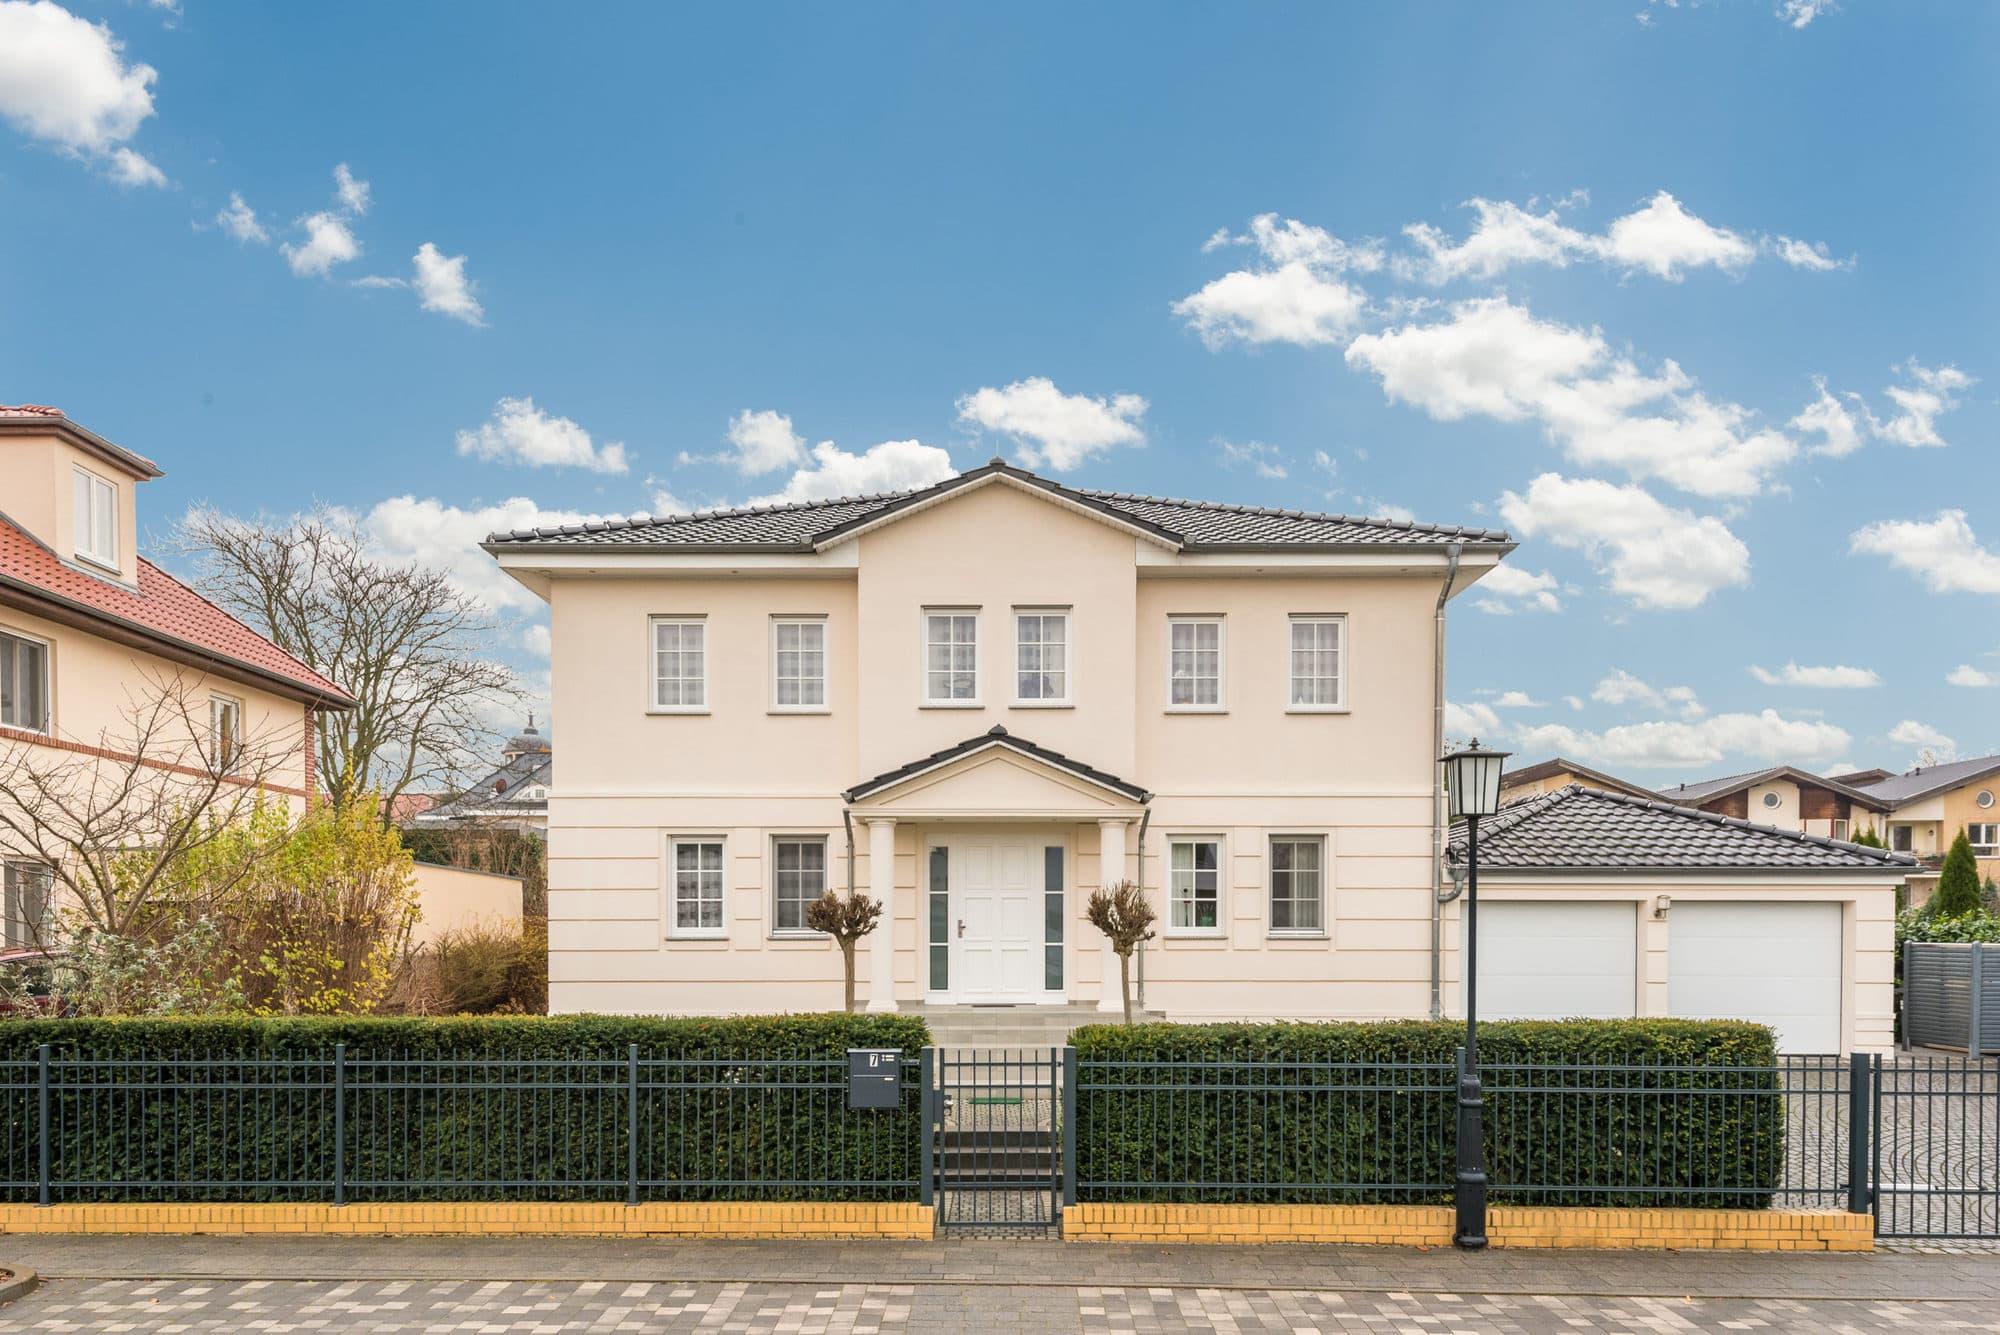 stadtvilla-mit-keller-balkon